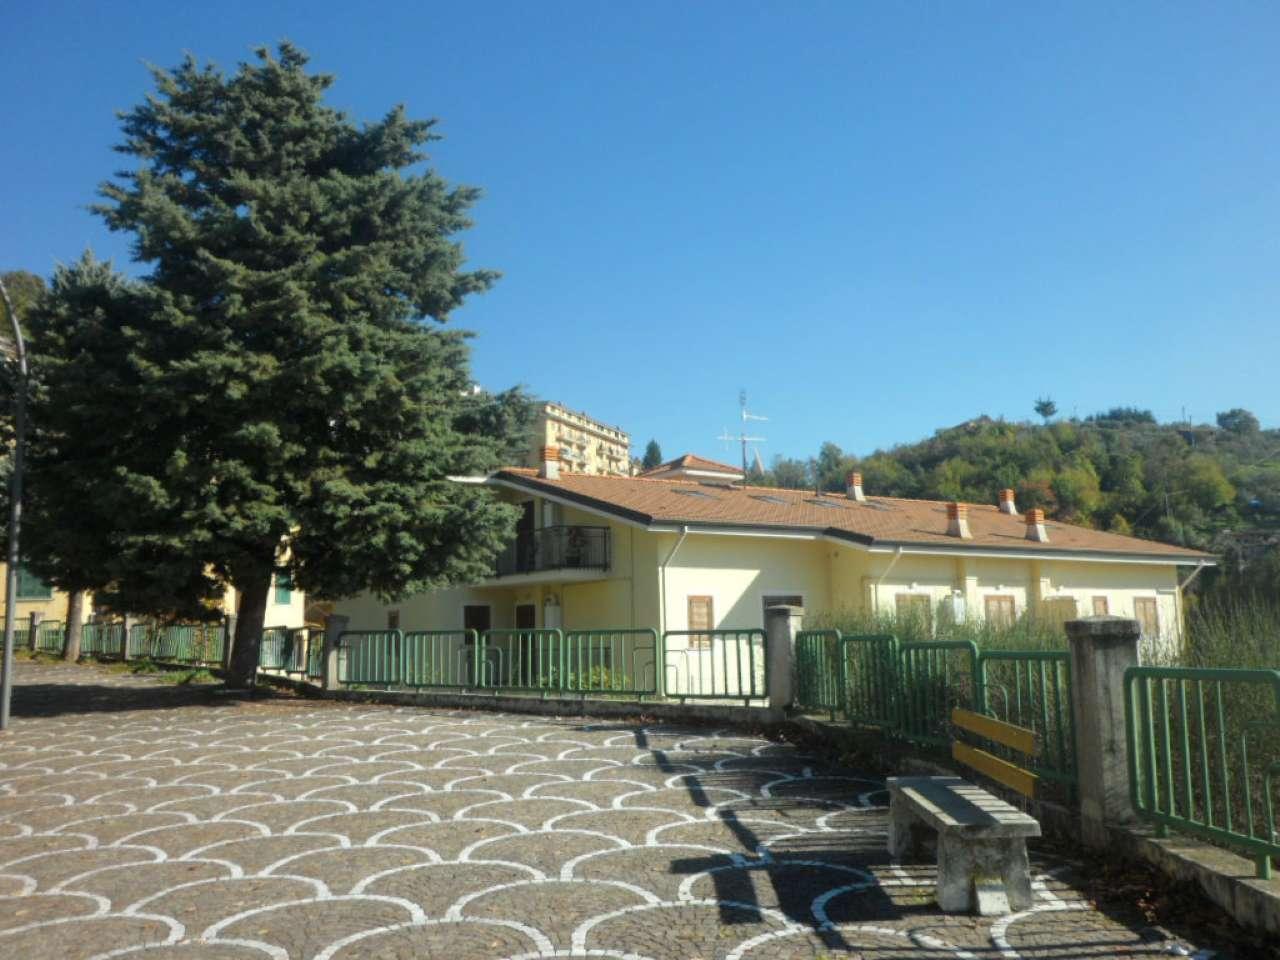 Attico / Mansarda in vendita a Fiuggi, 1 locali, prezzo € 18.000 | CambioCasa.it